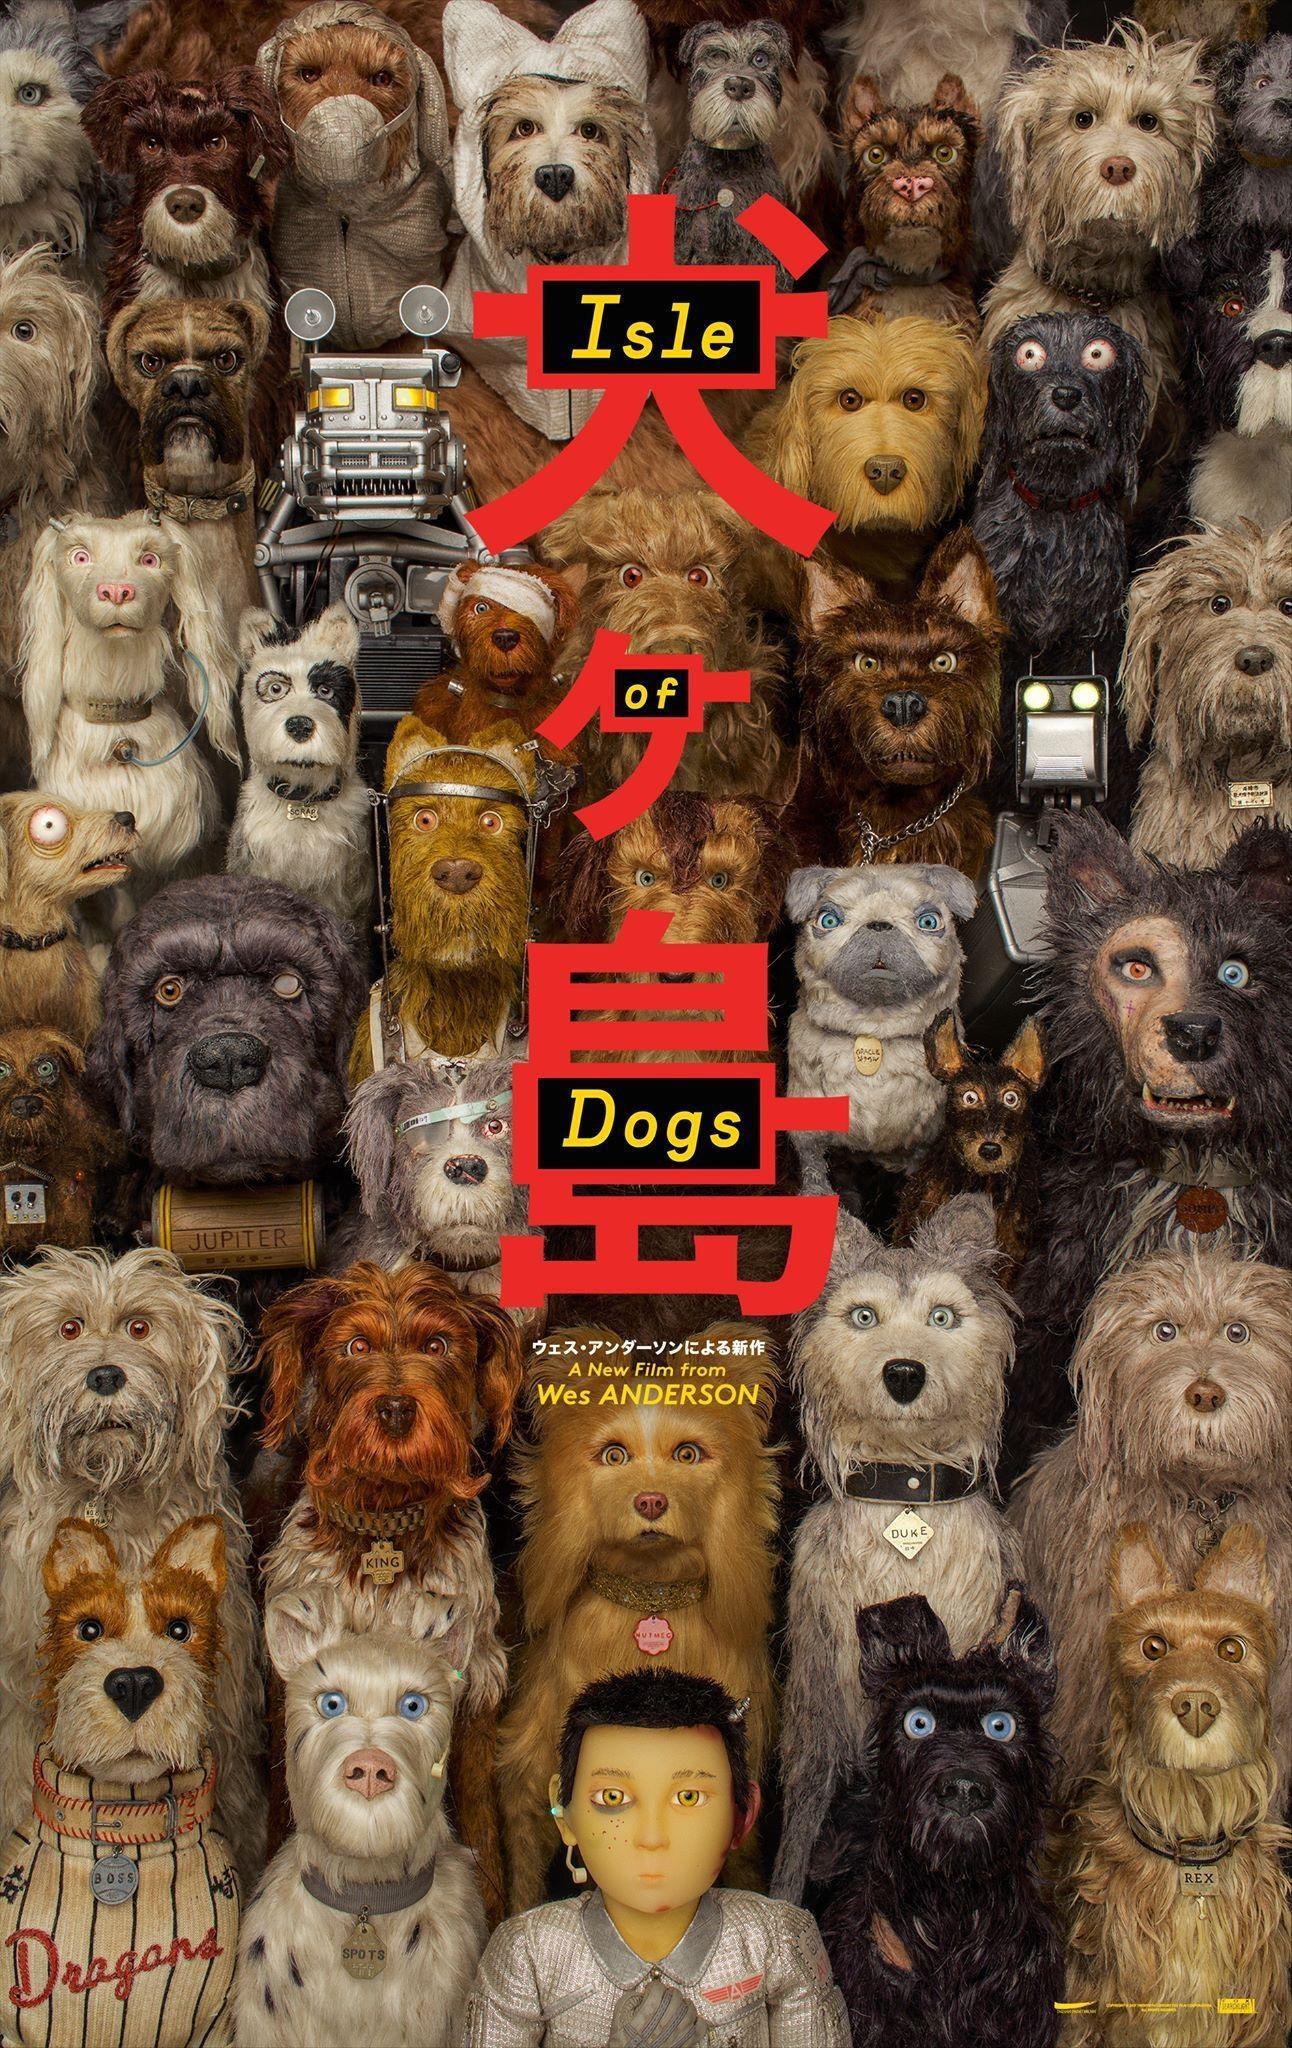 韦斯·安德森执《犬之岛》(Isle of Dogs)曝官方海报